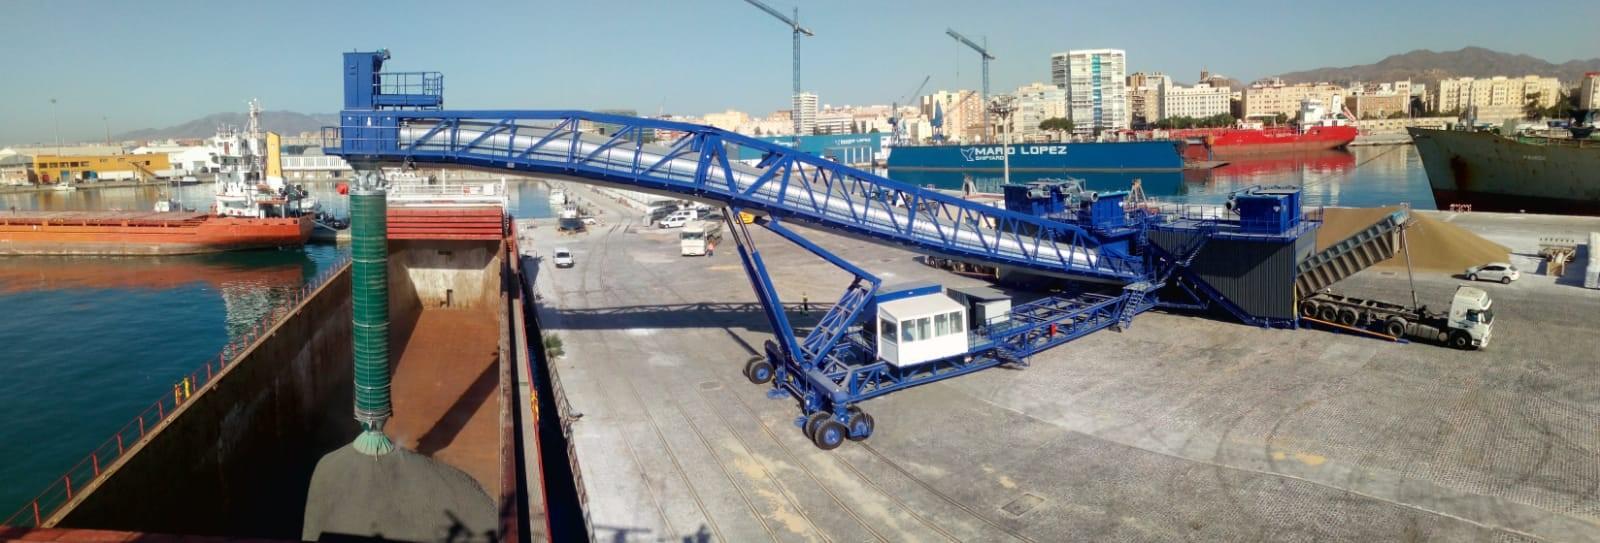 La pionera cinta ecológica transportadora de clínker de FYM-HeidelbergCement cargará hoy el primer barco